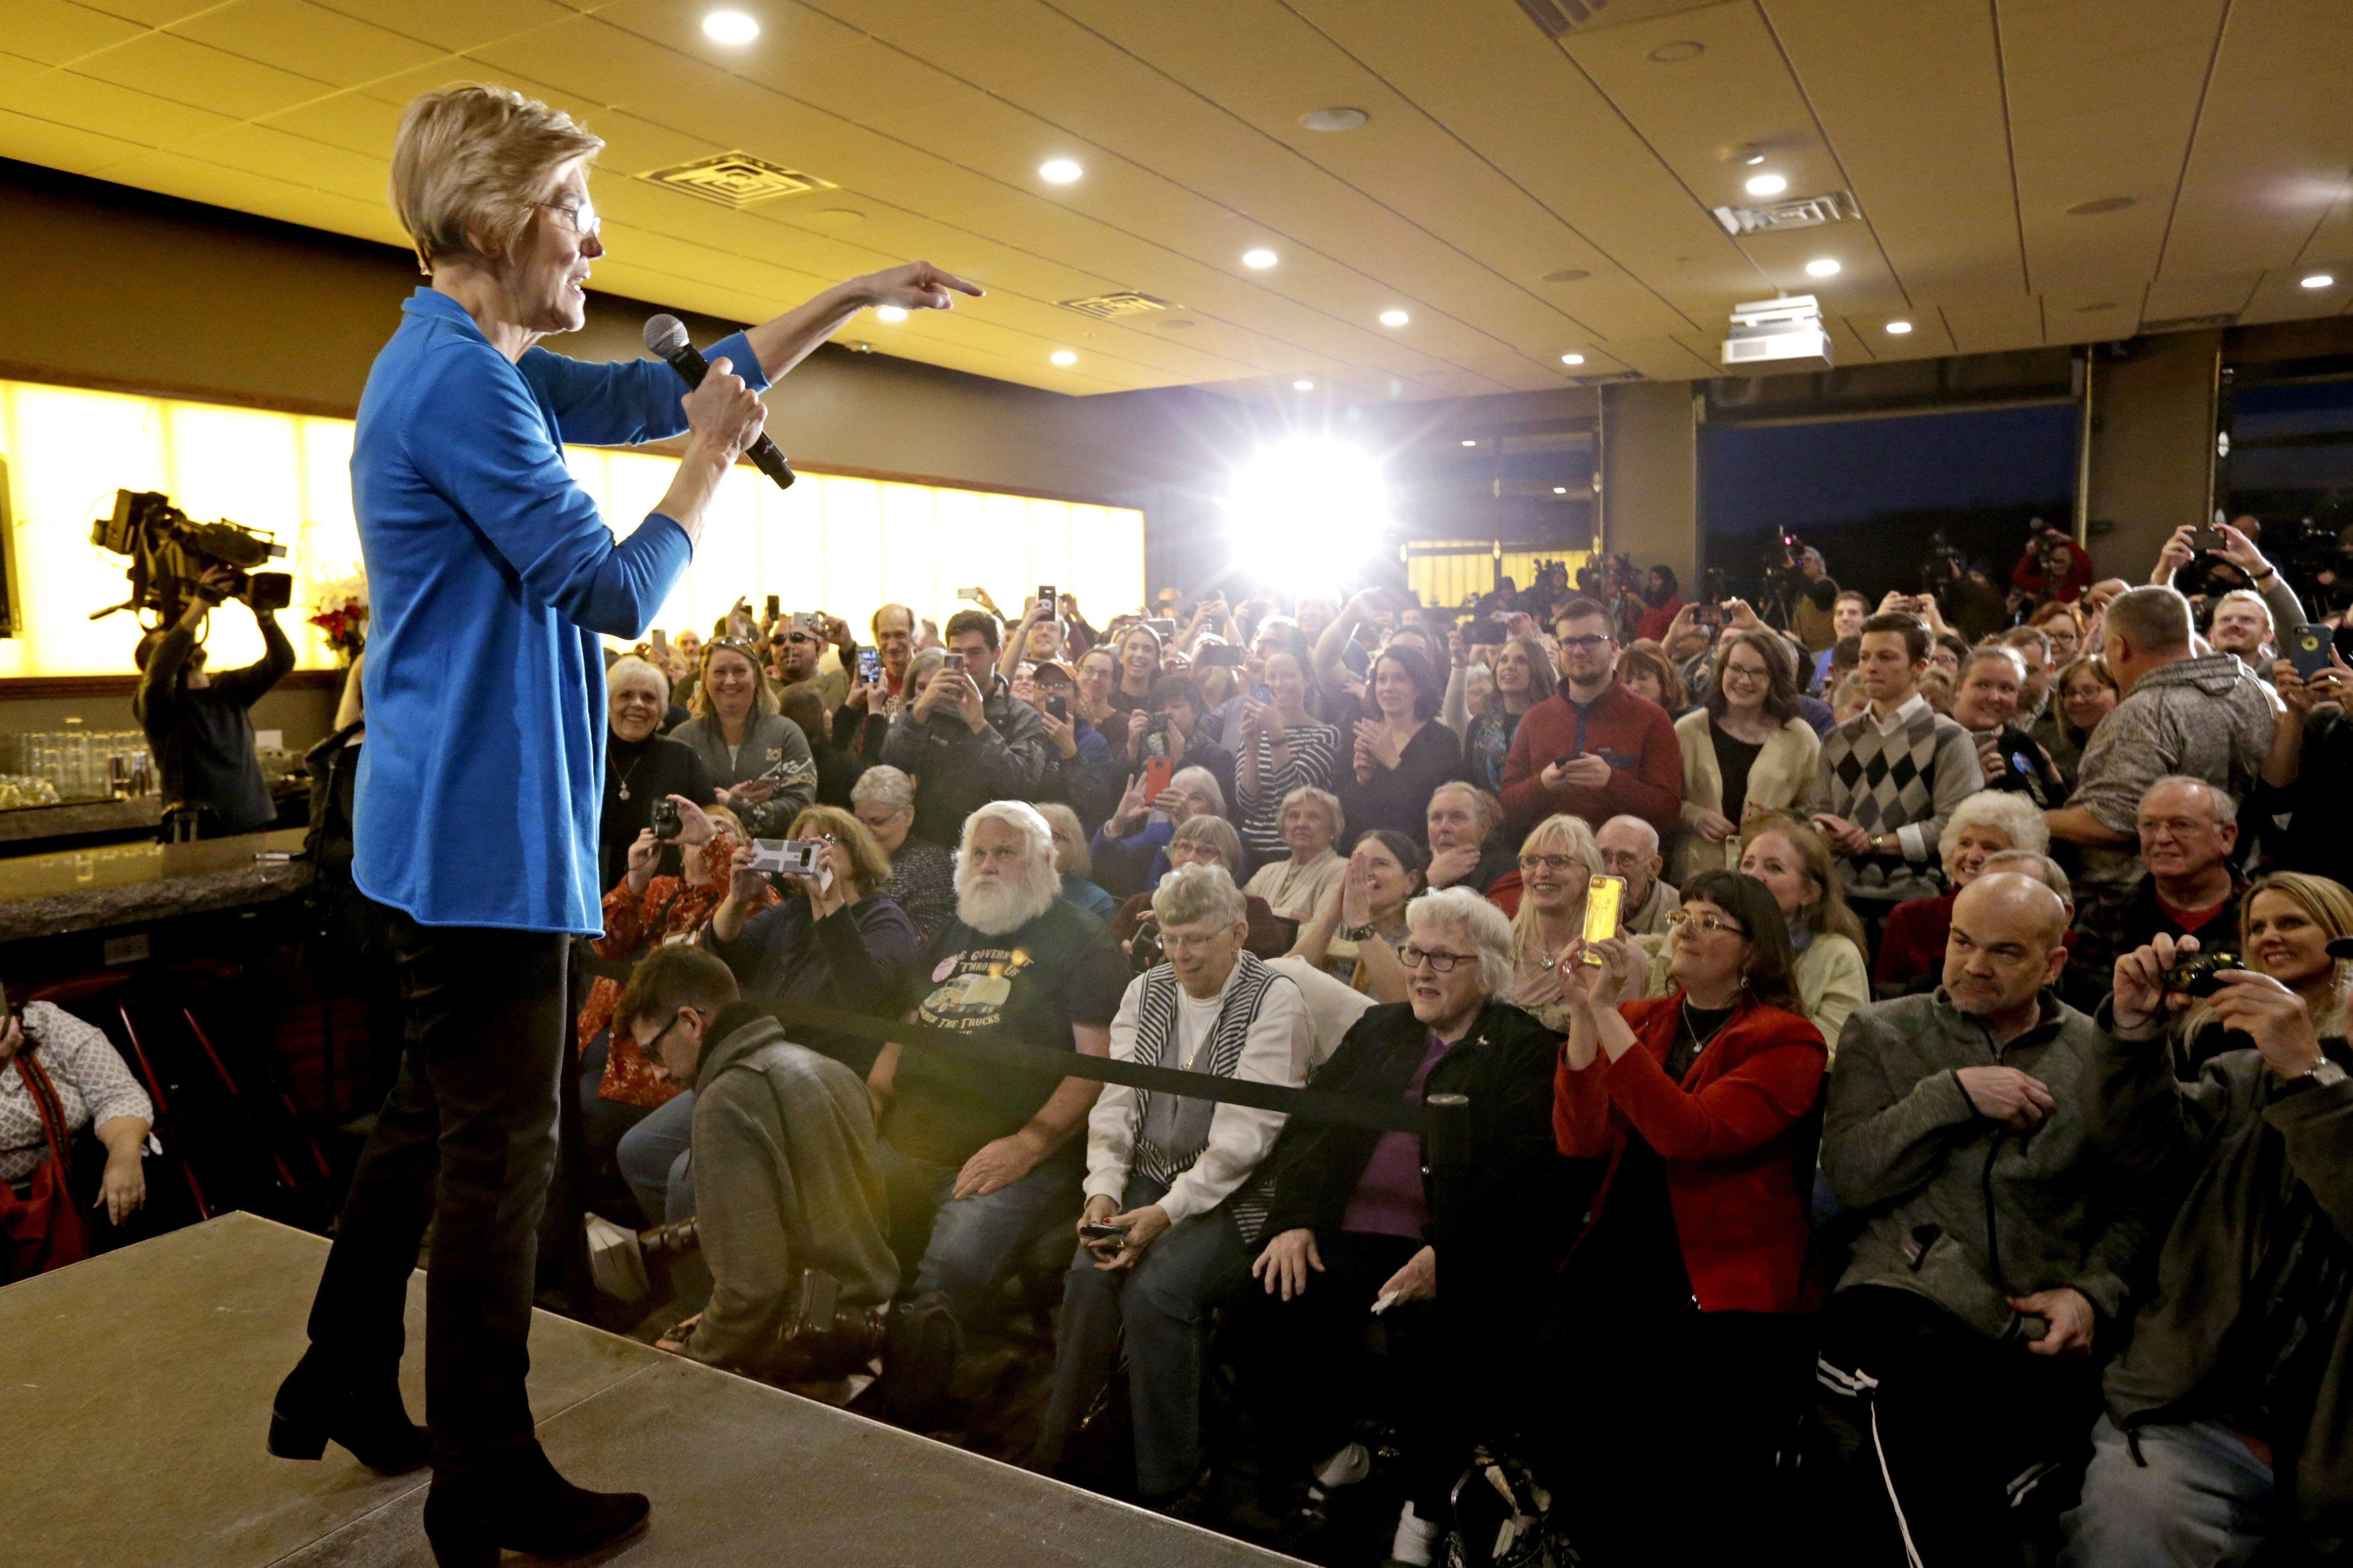 Elizabeth warren blitzes iowa with populist message with